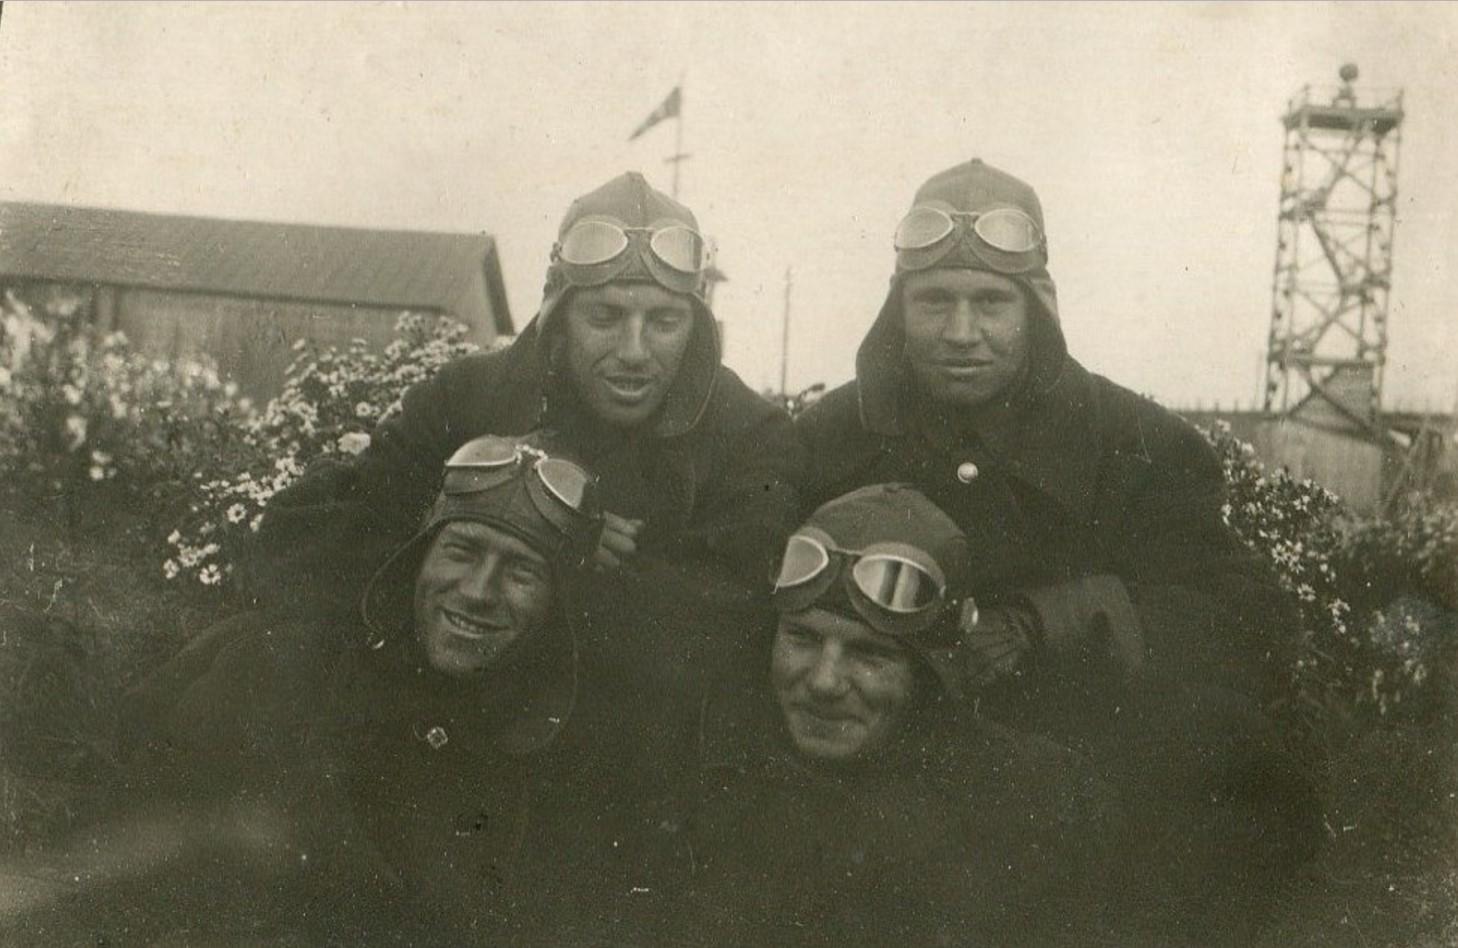 1936. Инструкторы Тургин, Семеков, Мальков, Колобков на аэродроме